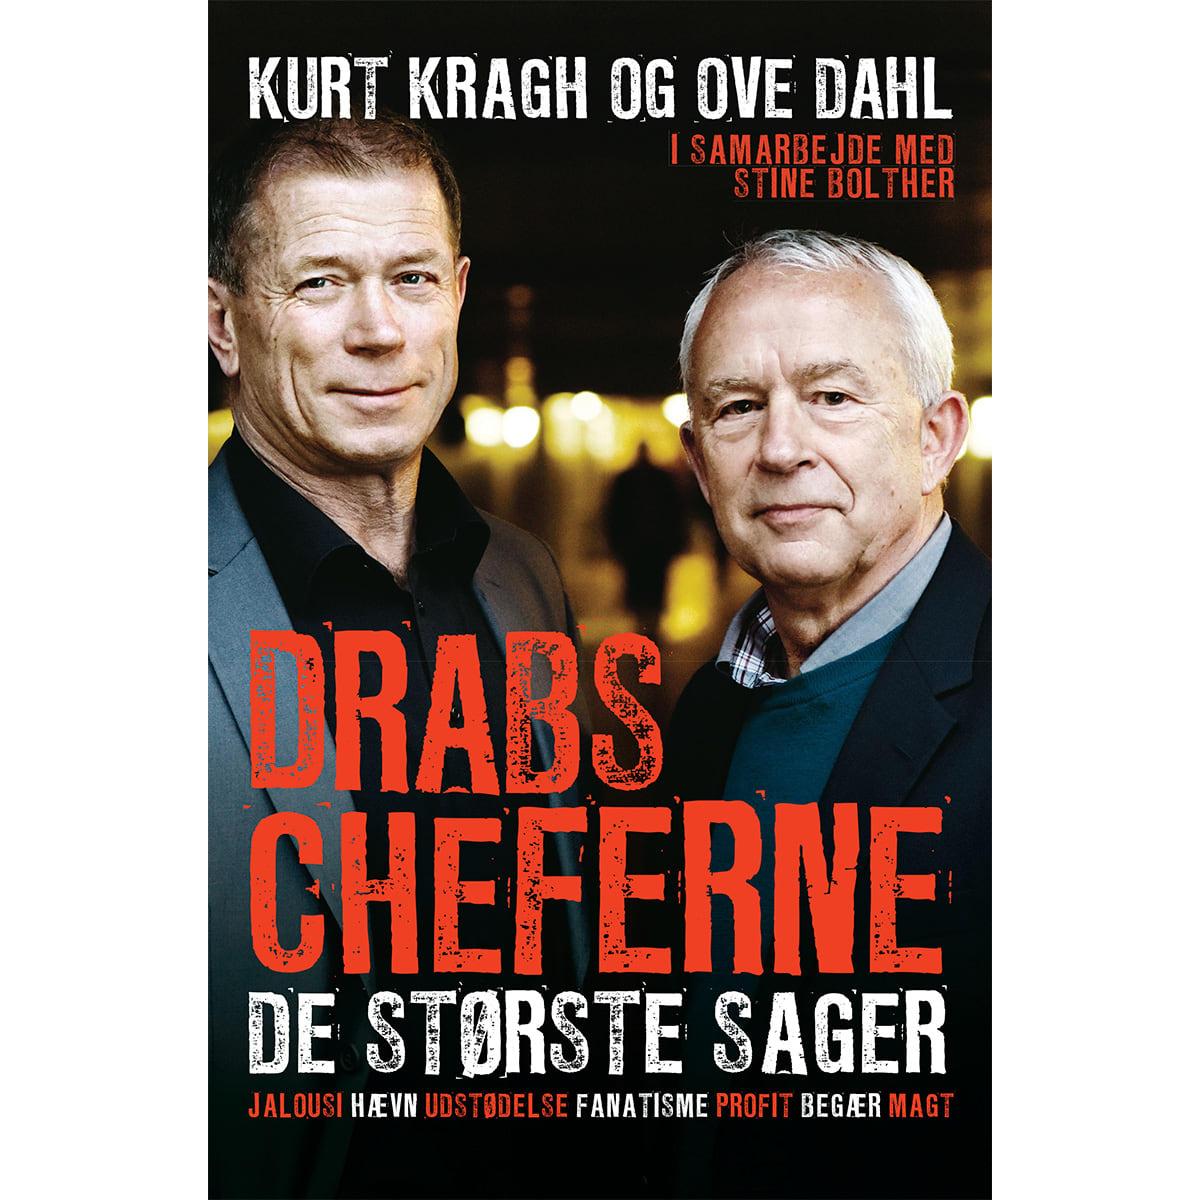 Af Kurt Kragh, Ove Dahl & Stine Bolther